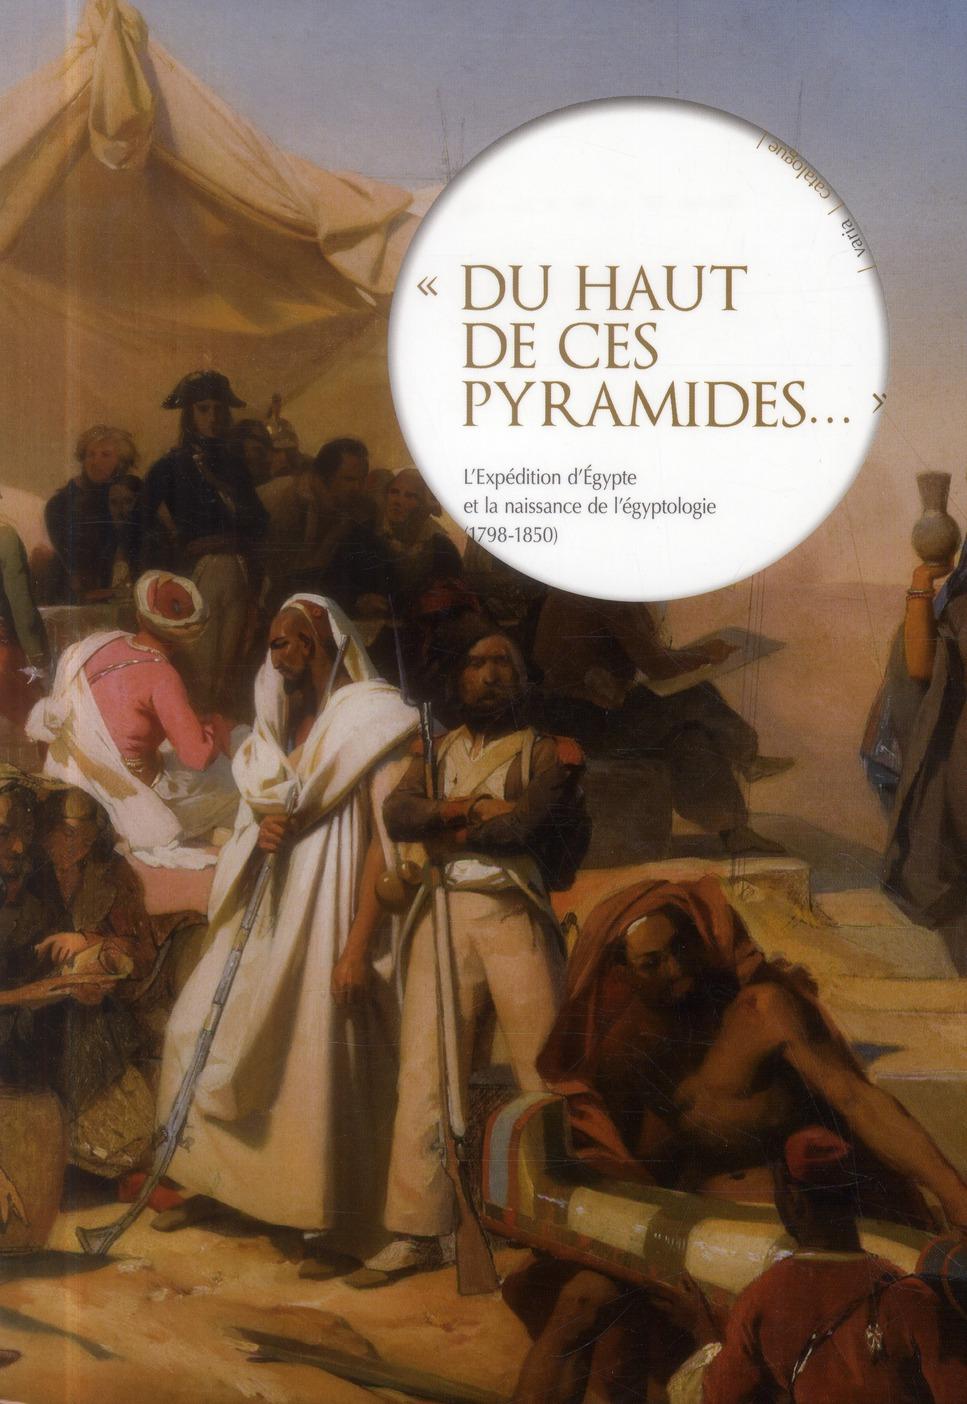 Du haut de ces pyramides... ; l'expédition d'Egypte et la naissance de l'égyptologie (1798-1850)